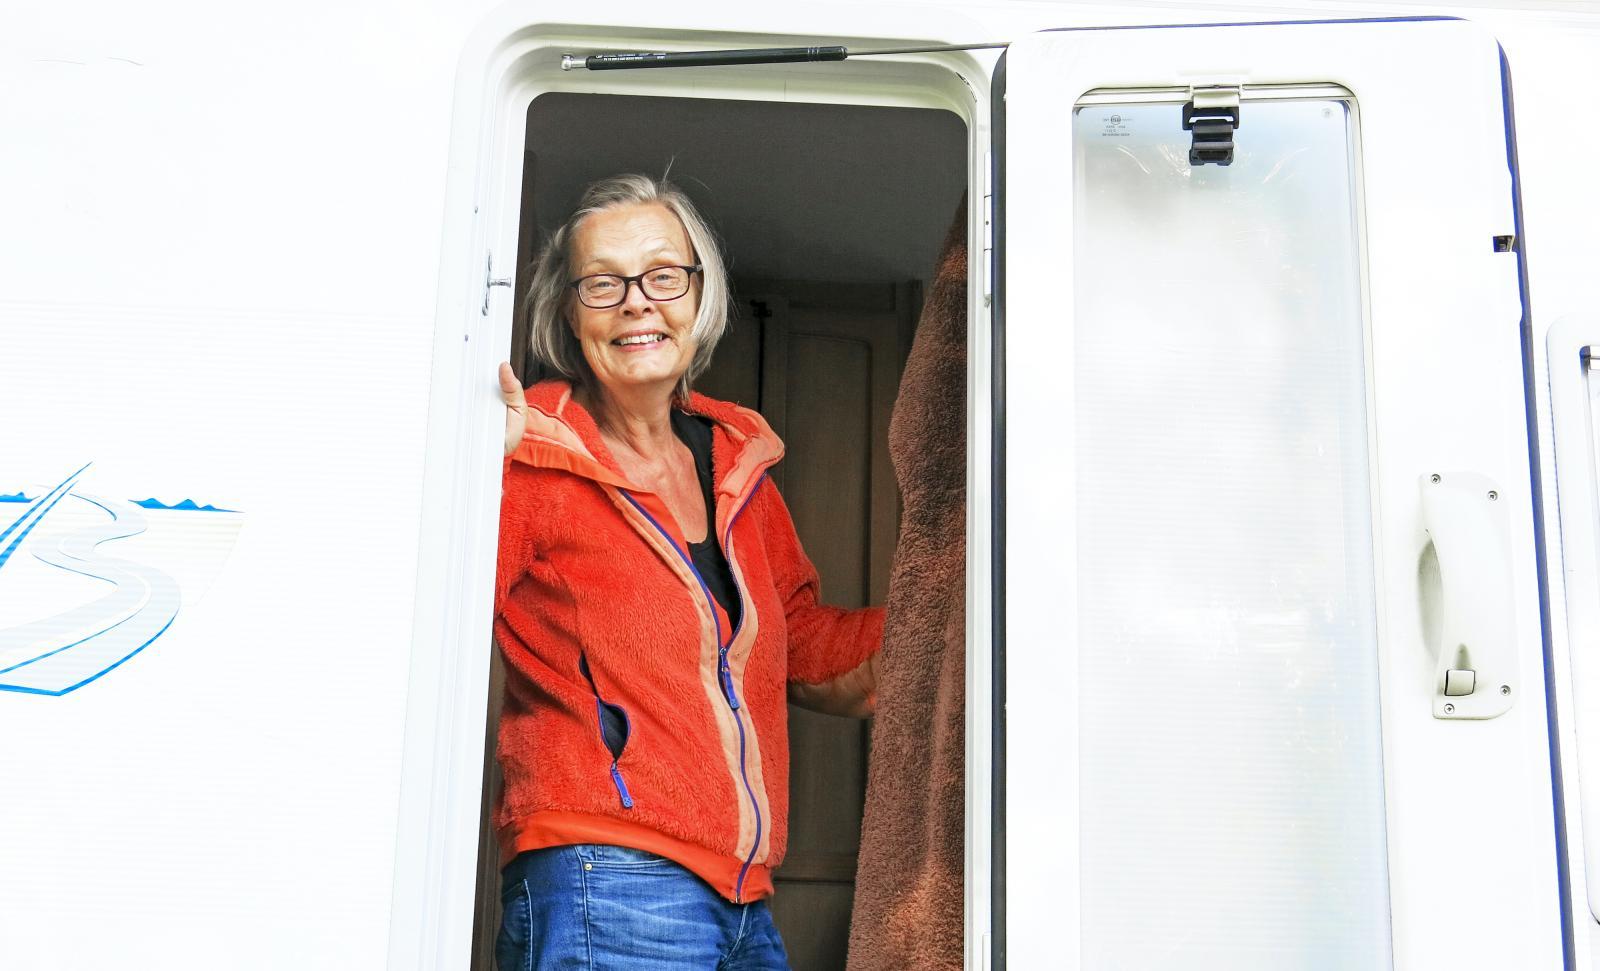 Tänk att få börja varje dag med att slå upp dörren till friheten! Annika Elgeskog ångrar inte sitt val.